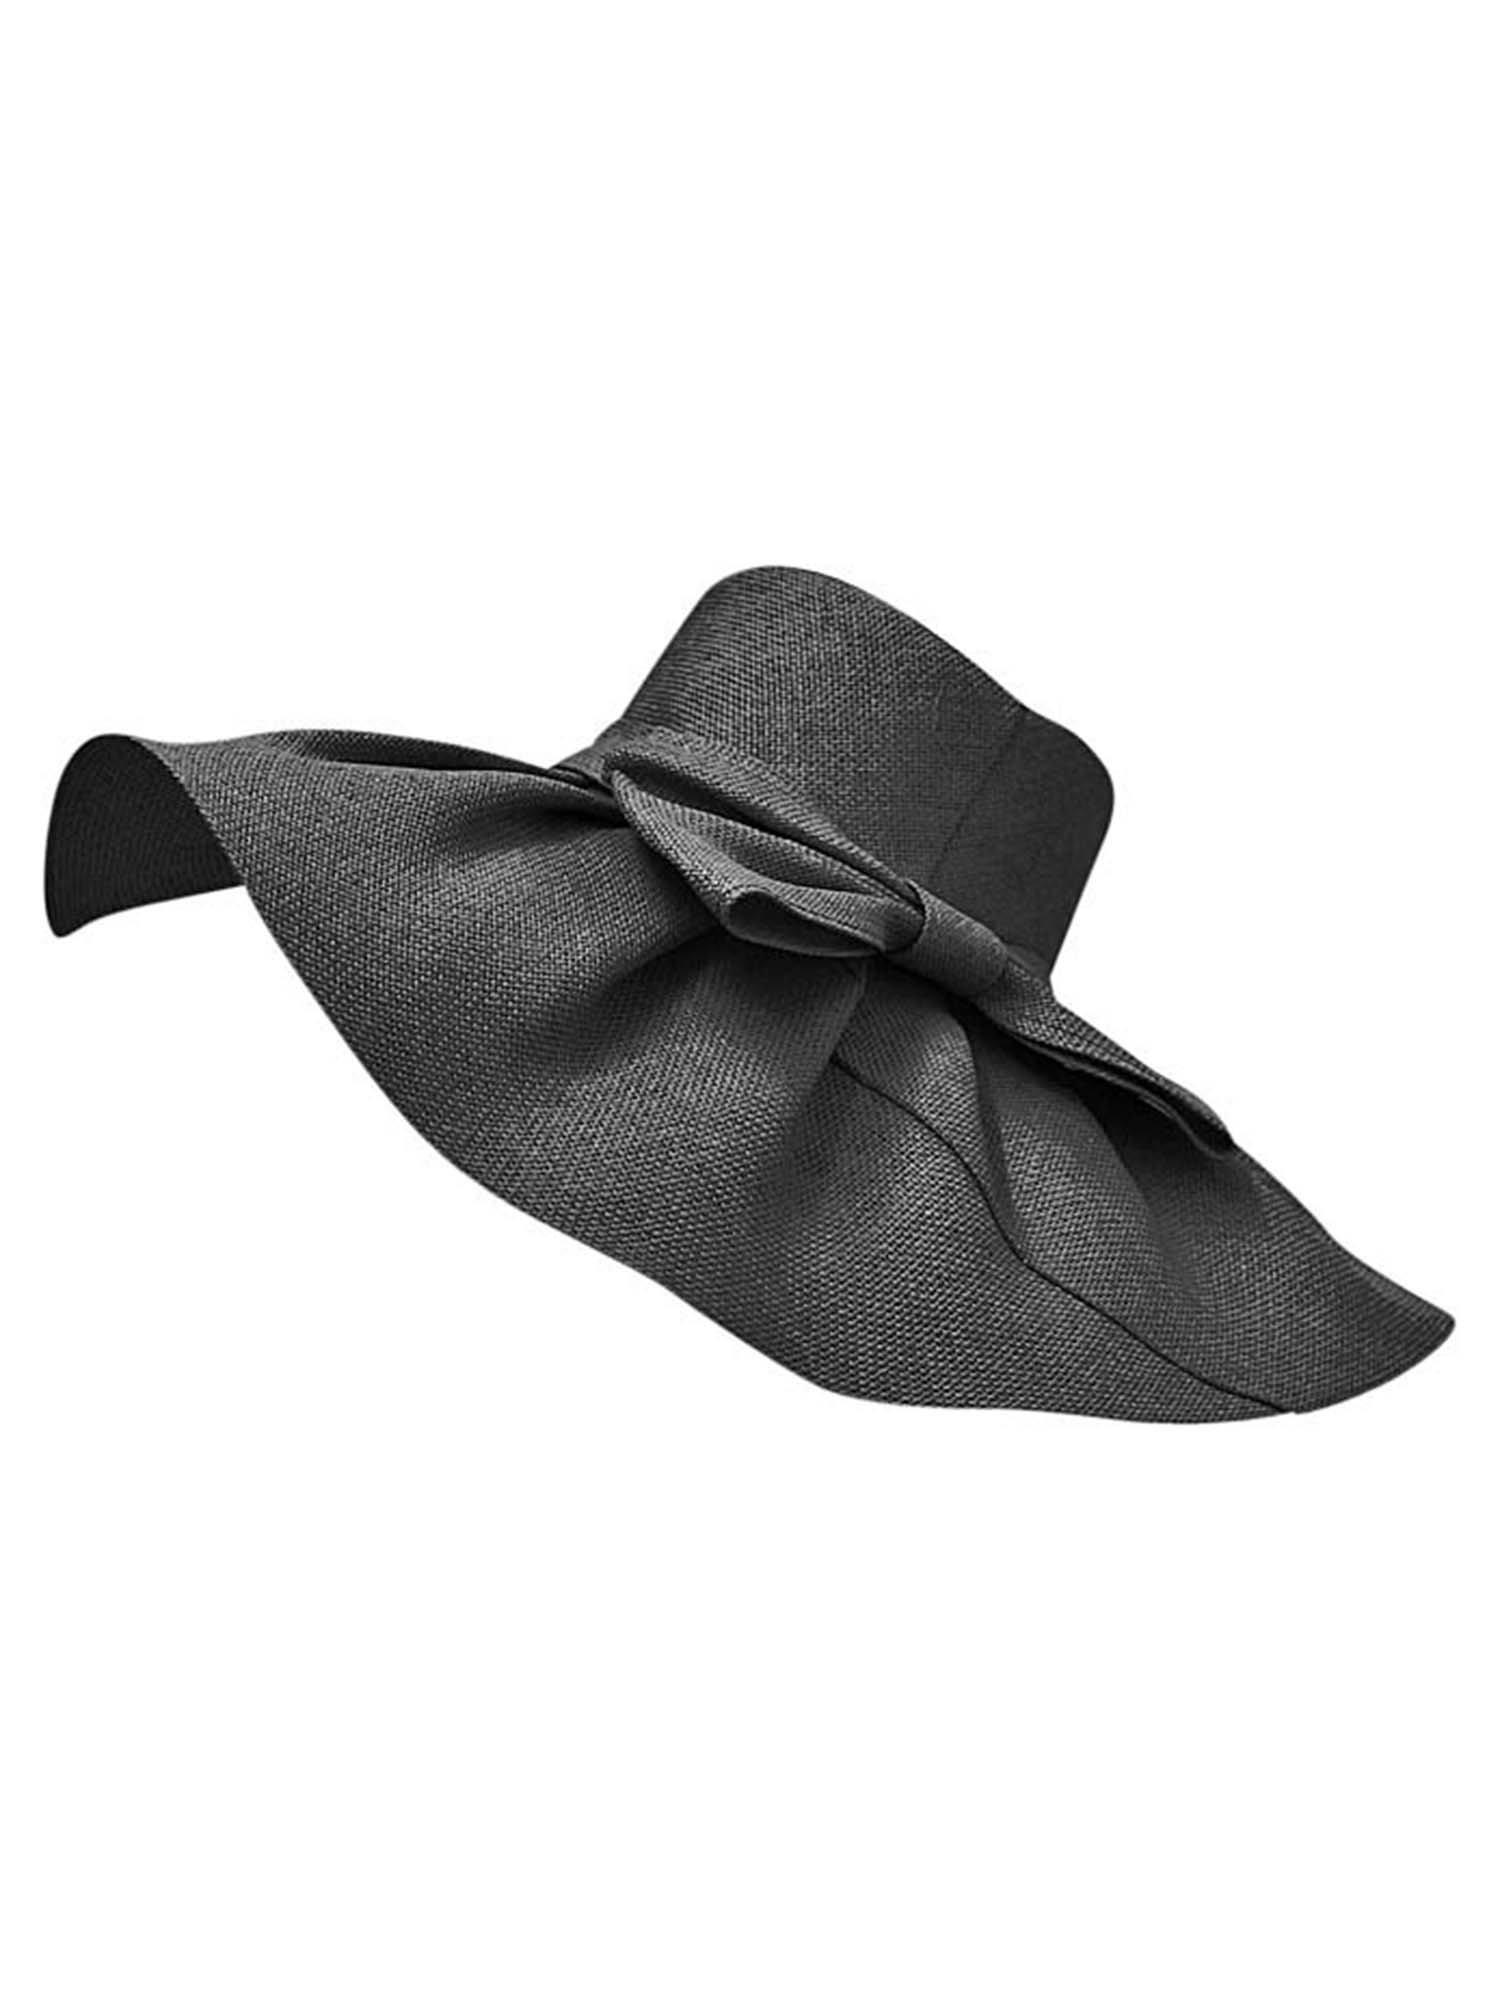 Luxury Divas Black Elegant Toyo Wide Brim Floppy Hat by Luxury Divas